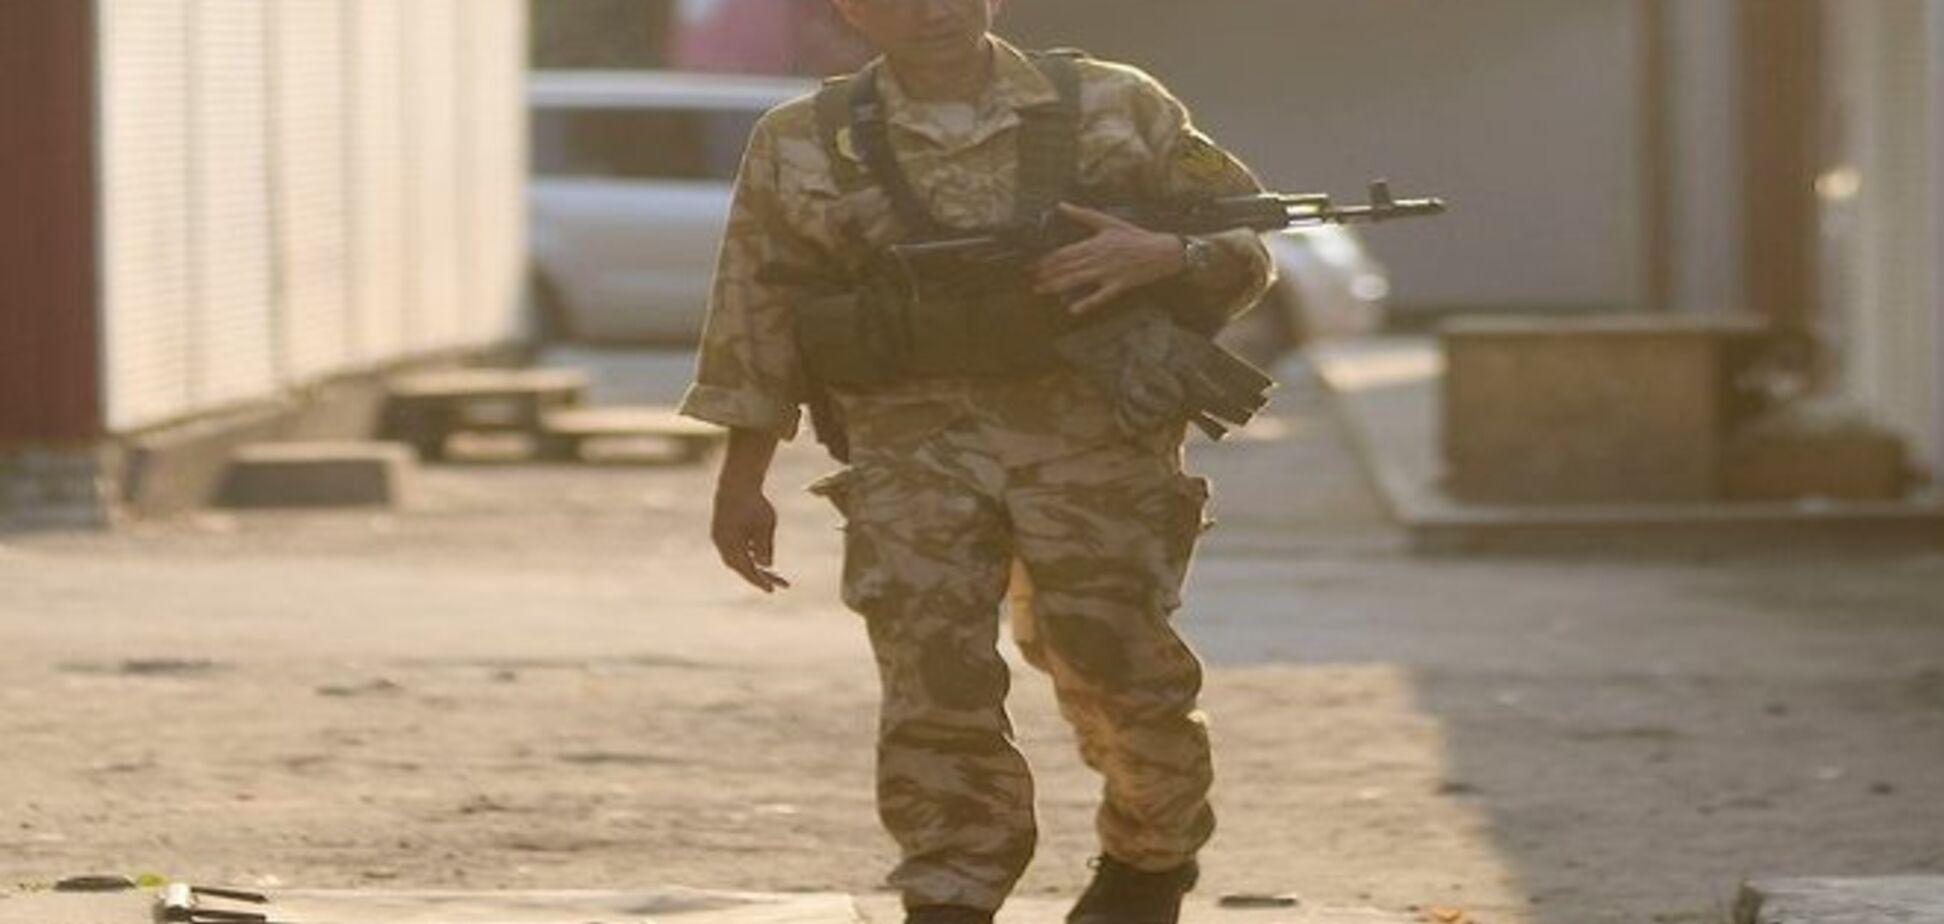 Про американського мільйонера серед бійців Донбасу